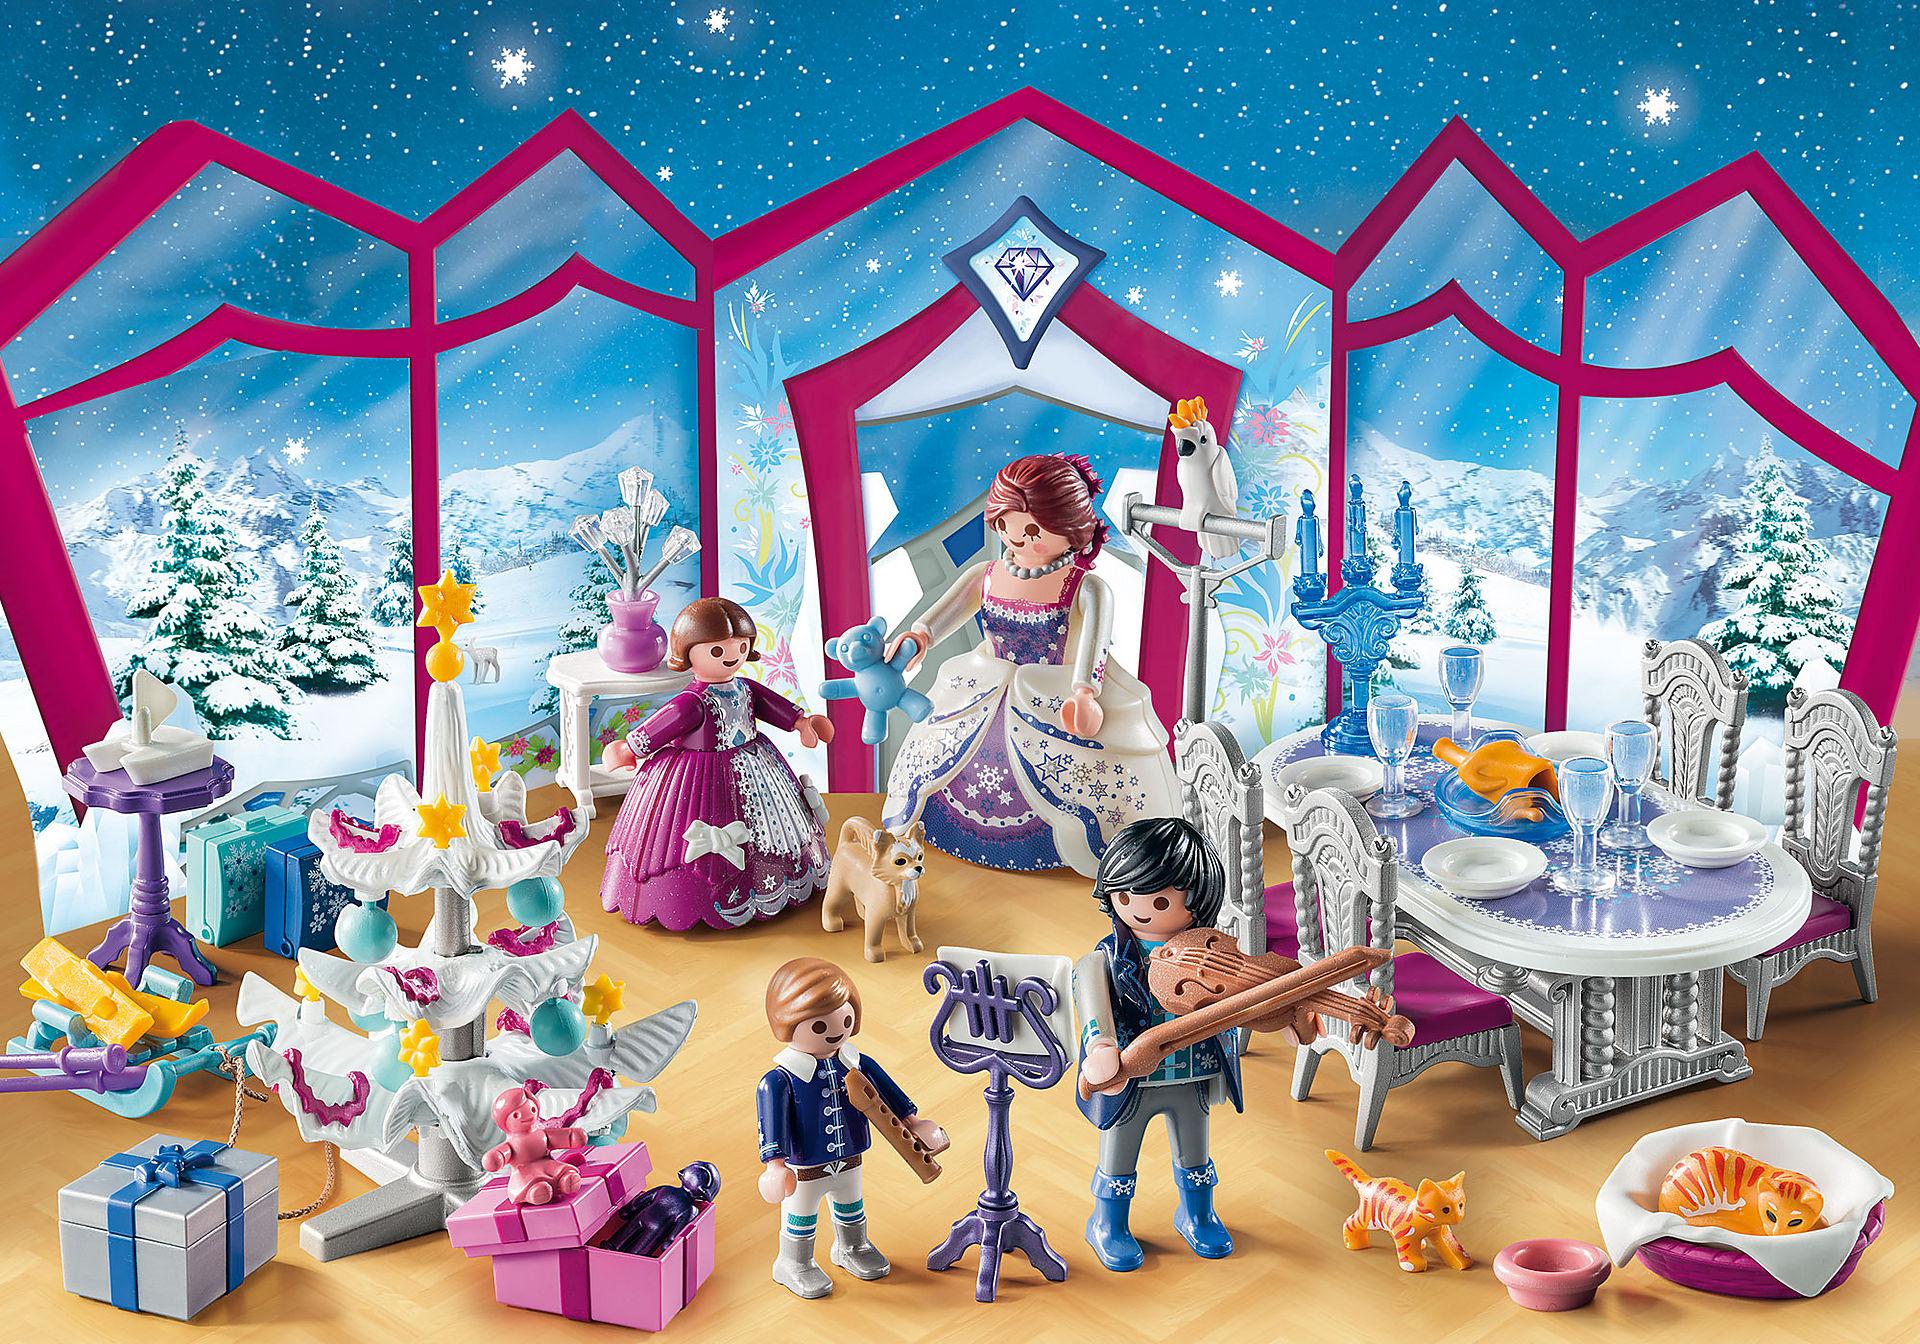 9485 Χριστουγεννιάτικο Ημερολόγιο - Χριστουγεννιάτικη δεξίωση zoom image3